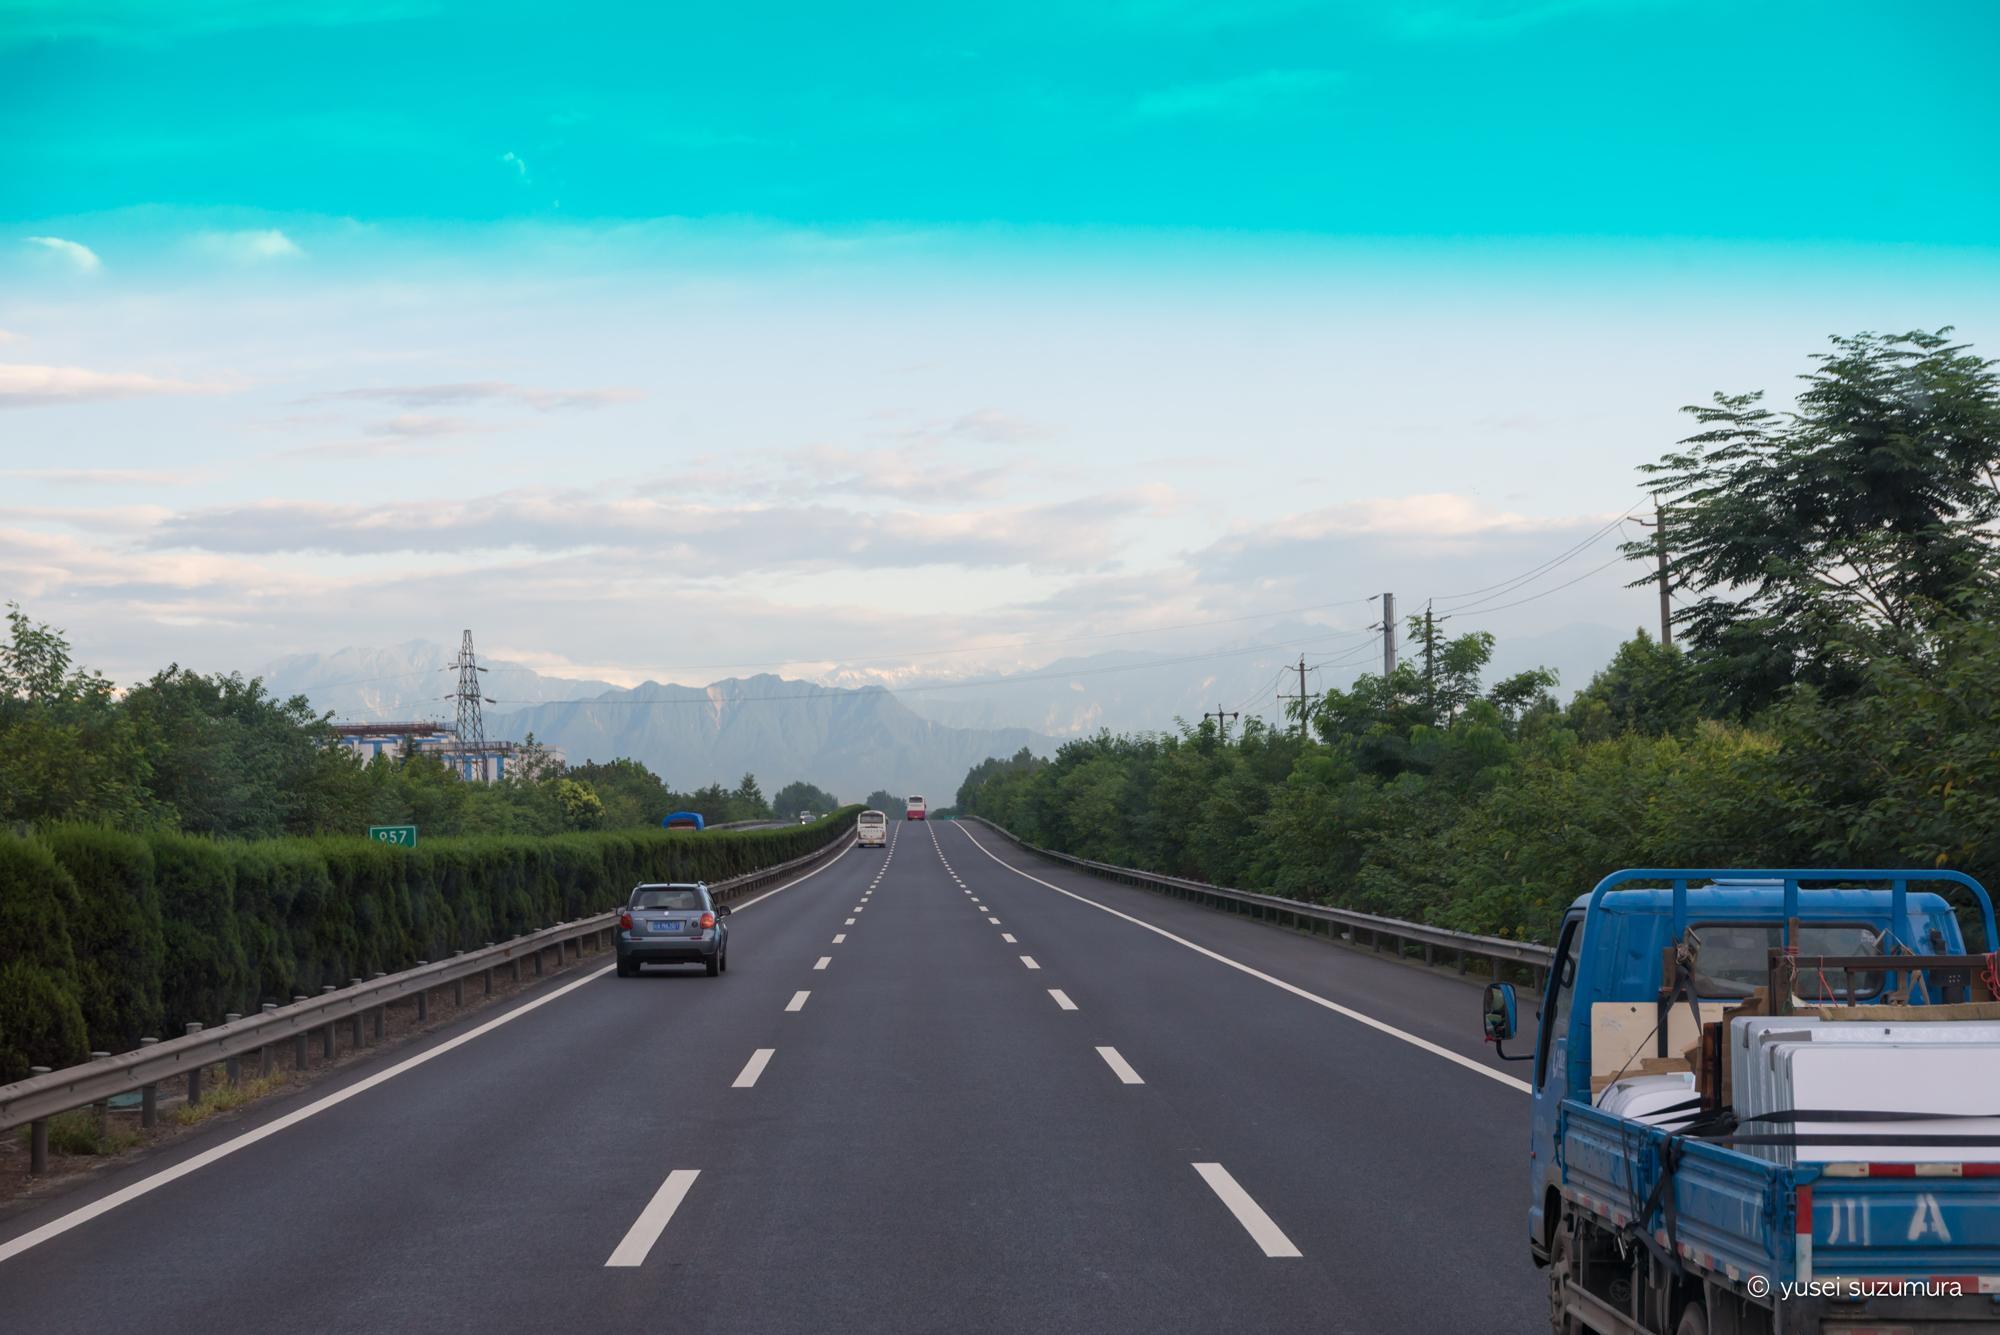 成都 高速道路